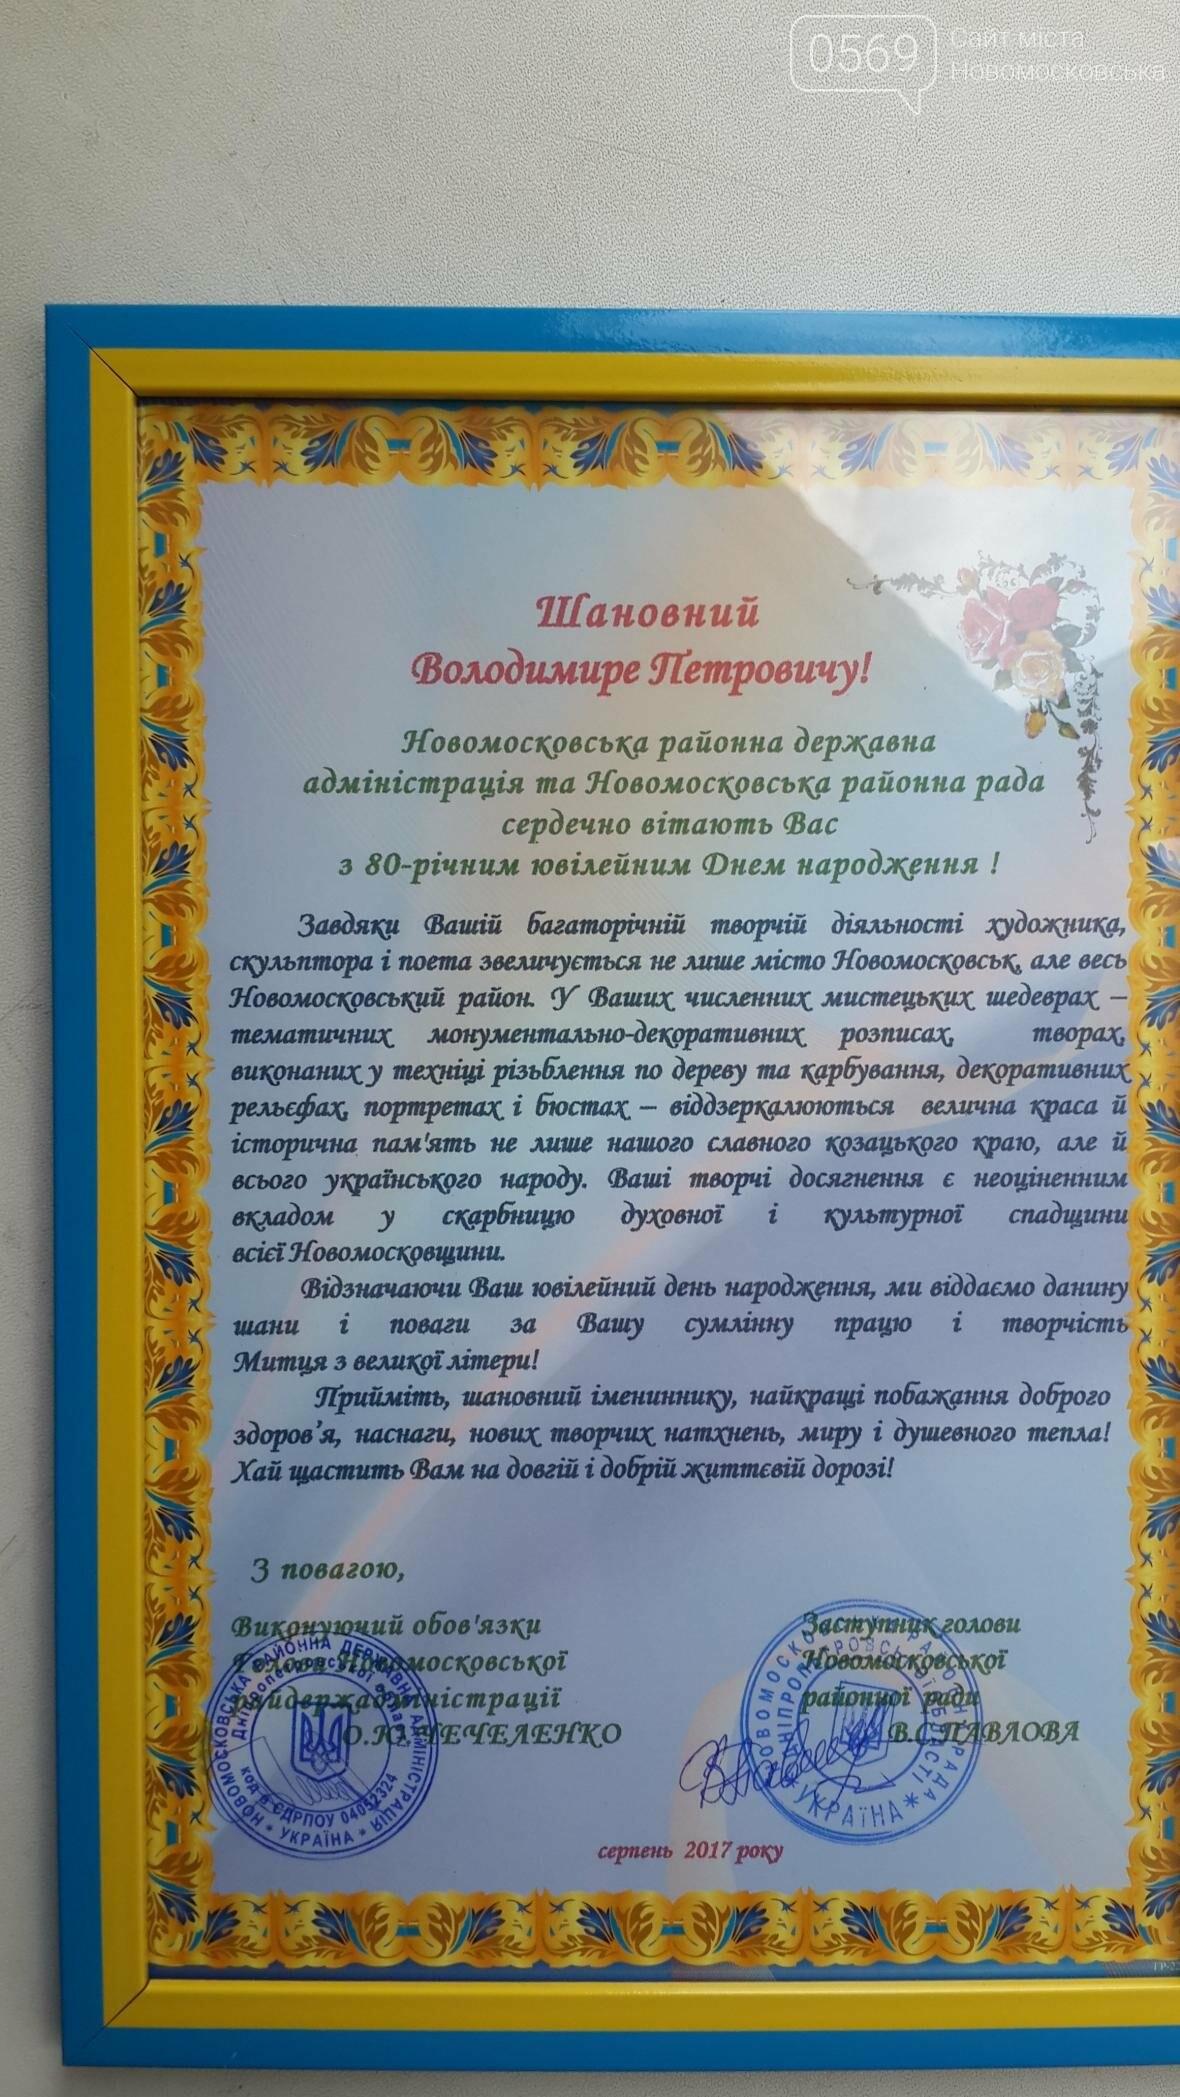 Автор гимна и герба Новомосковска отметил 80-летний юбилей, фото-11